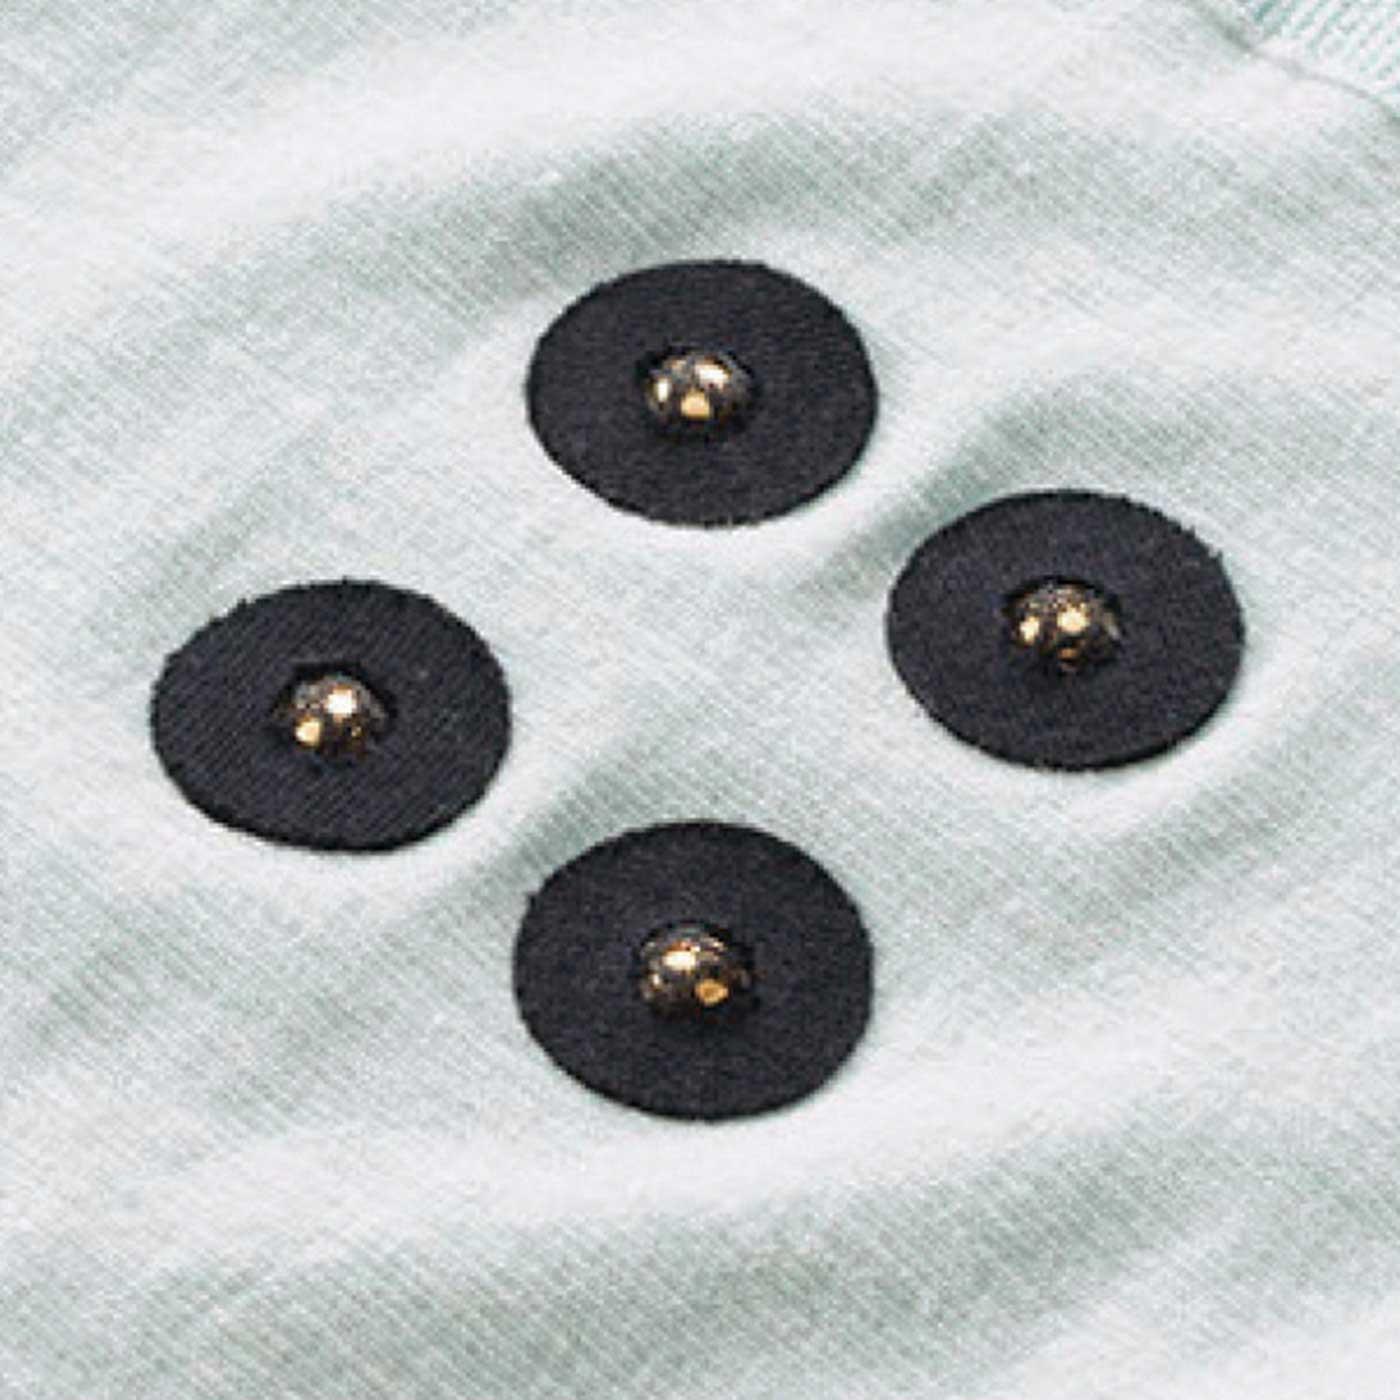 下半身の血行促進のポイントと言われている仙骨まわりに磁石付き。